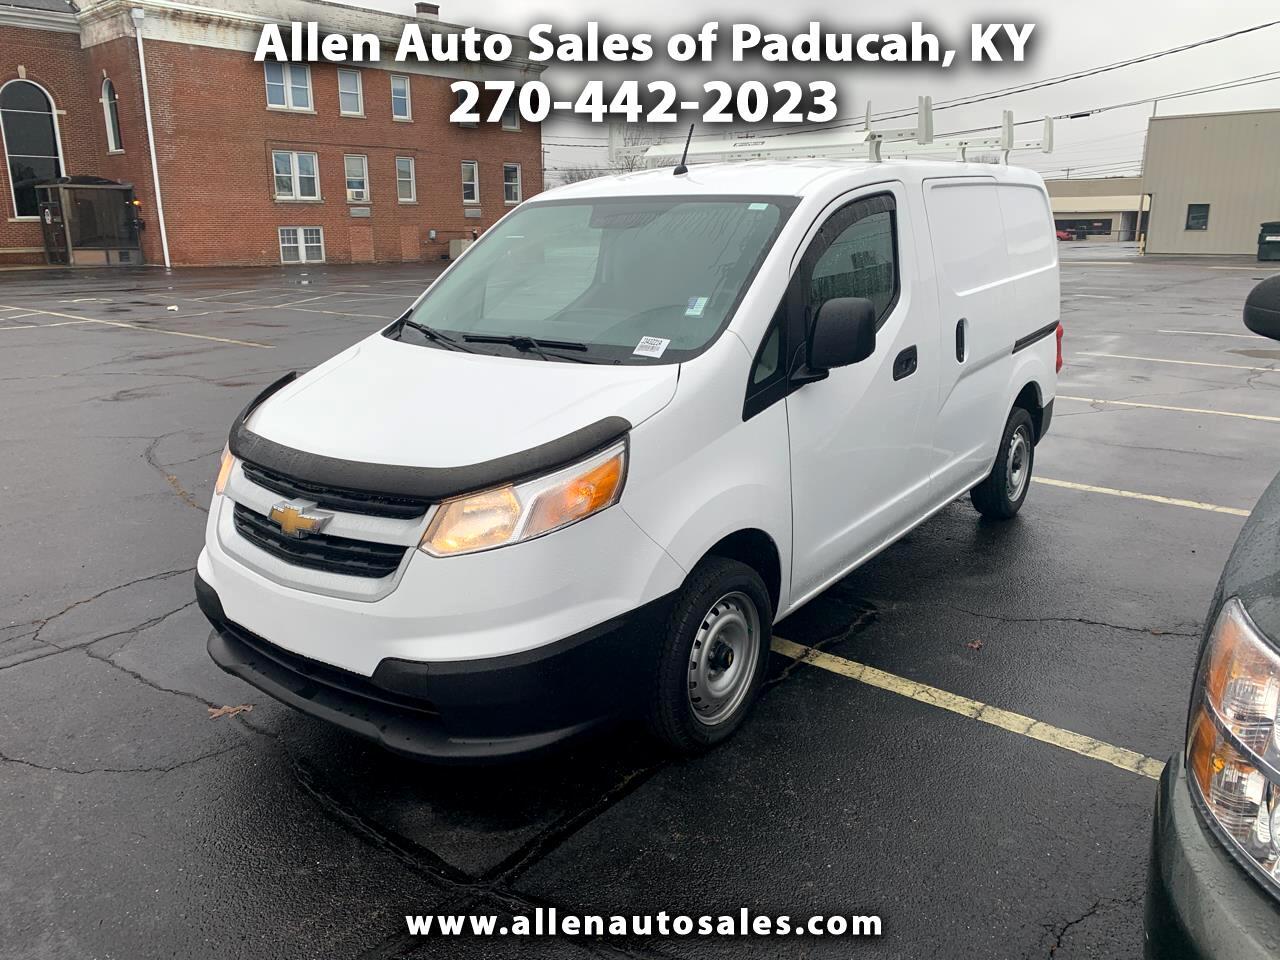 2017 Chevrolet City Express Cargo Van FWD 115